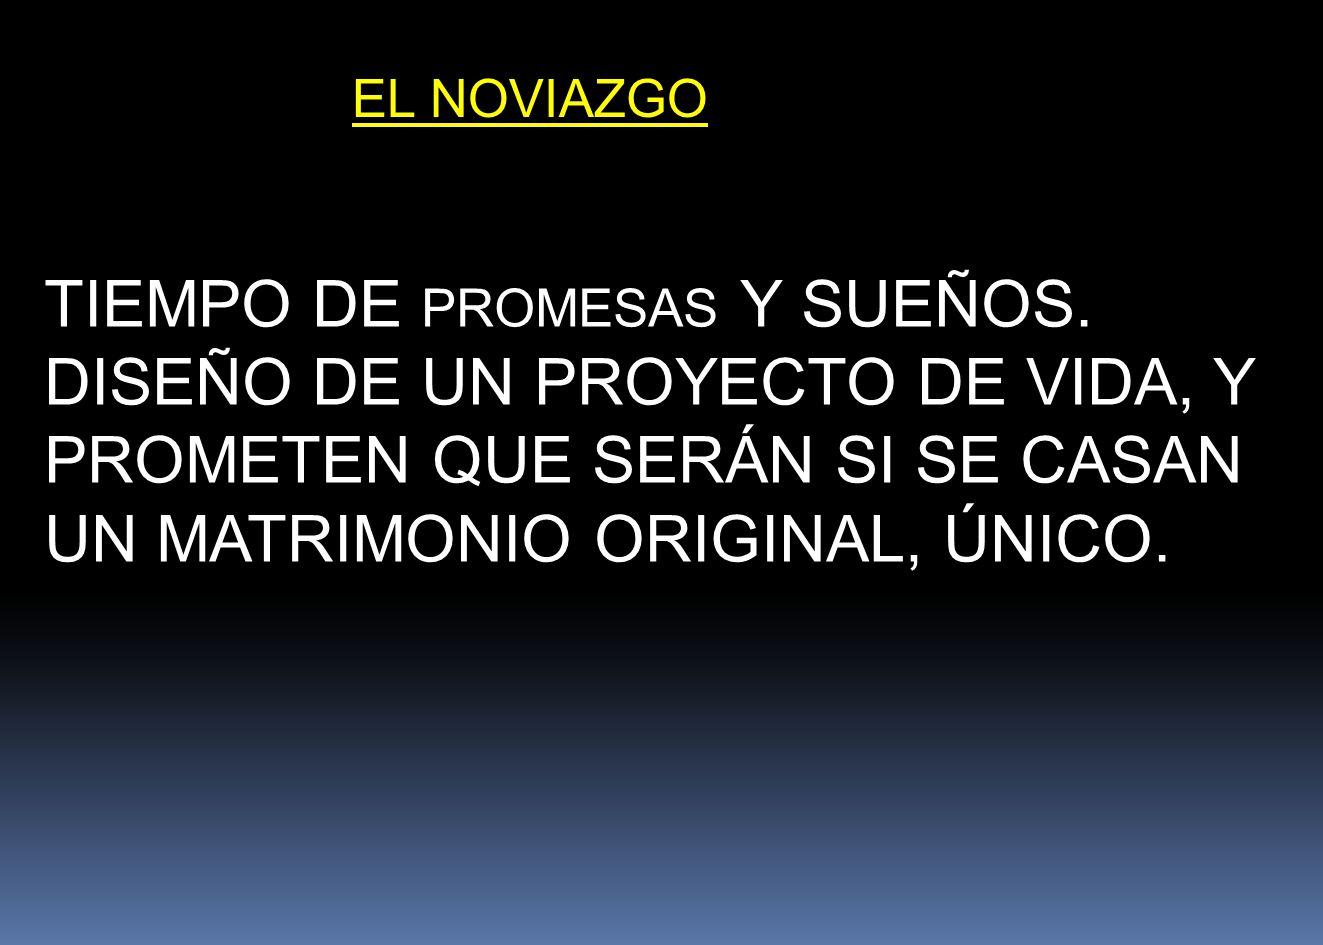 EL NOVIAZGO TIEMPO DE PROMESAS Y SUEÑOS.